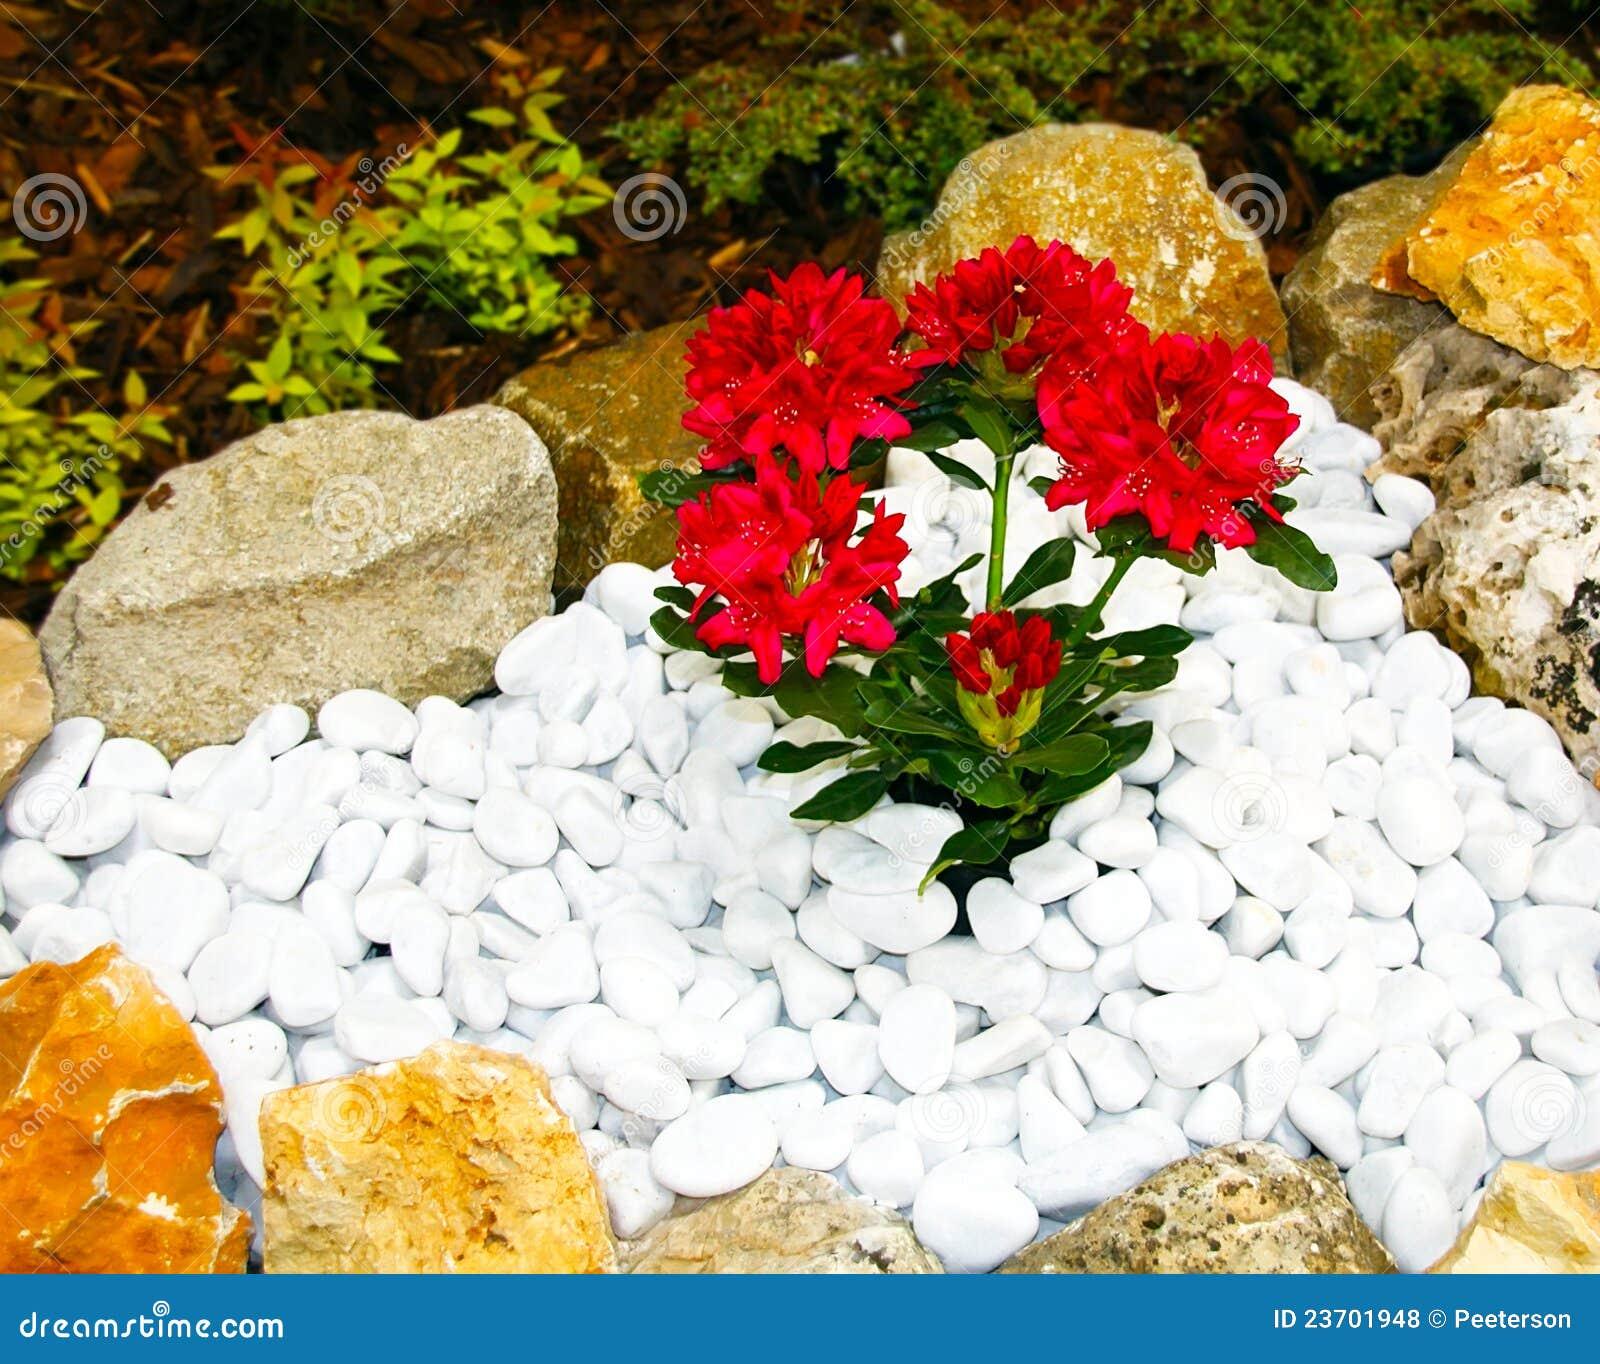 jardim rosas vermelhas:Flores Vermelhas Em Um Jardim Ornamental Fotos de Stock Royalty Free